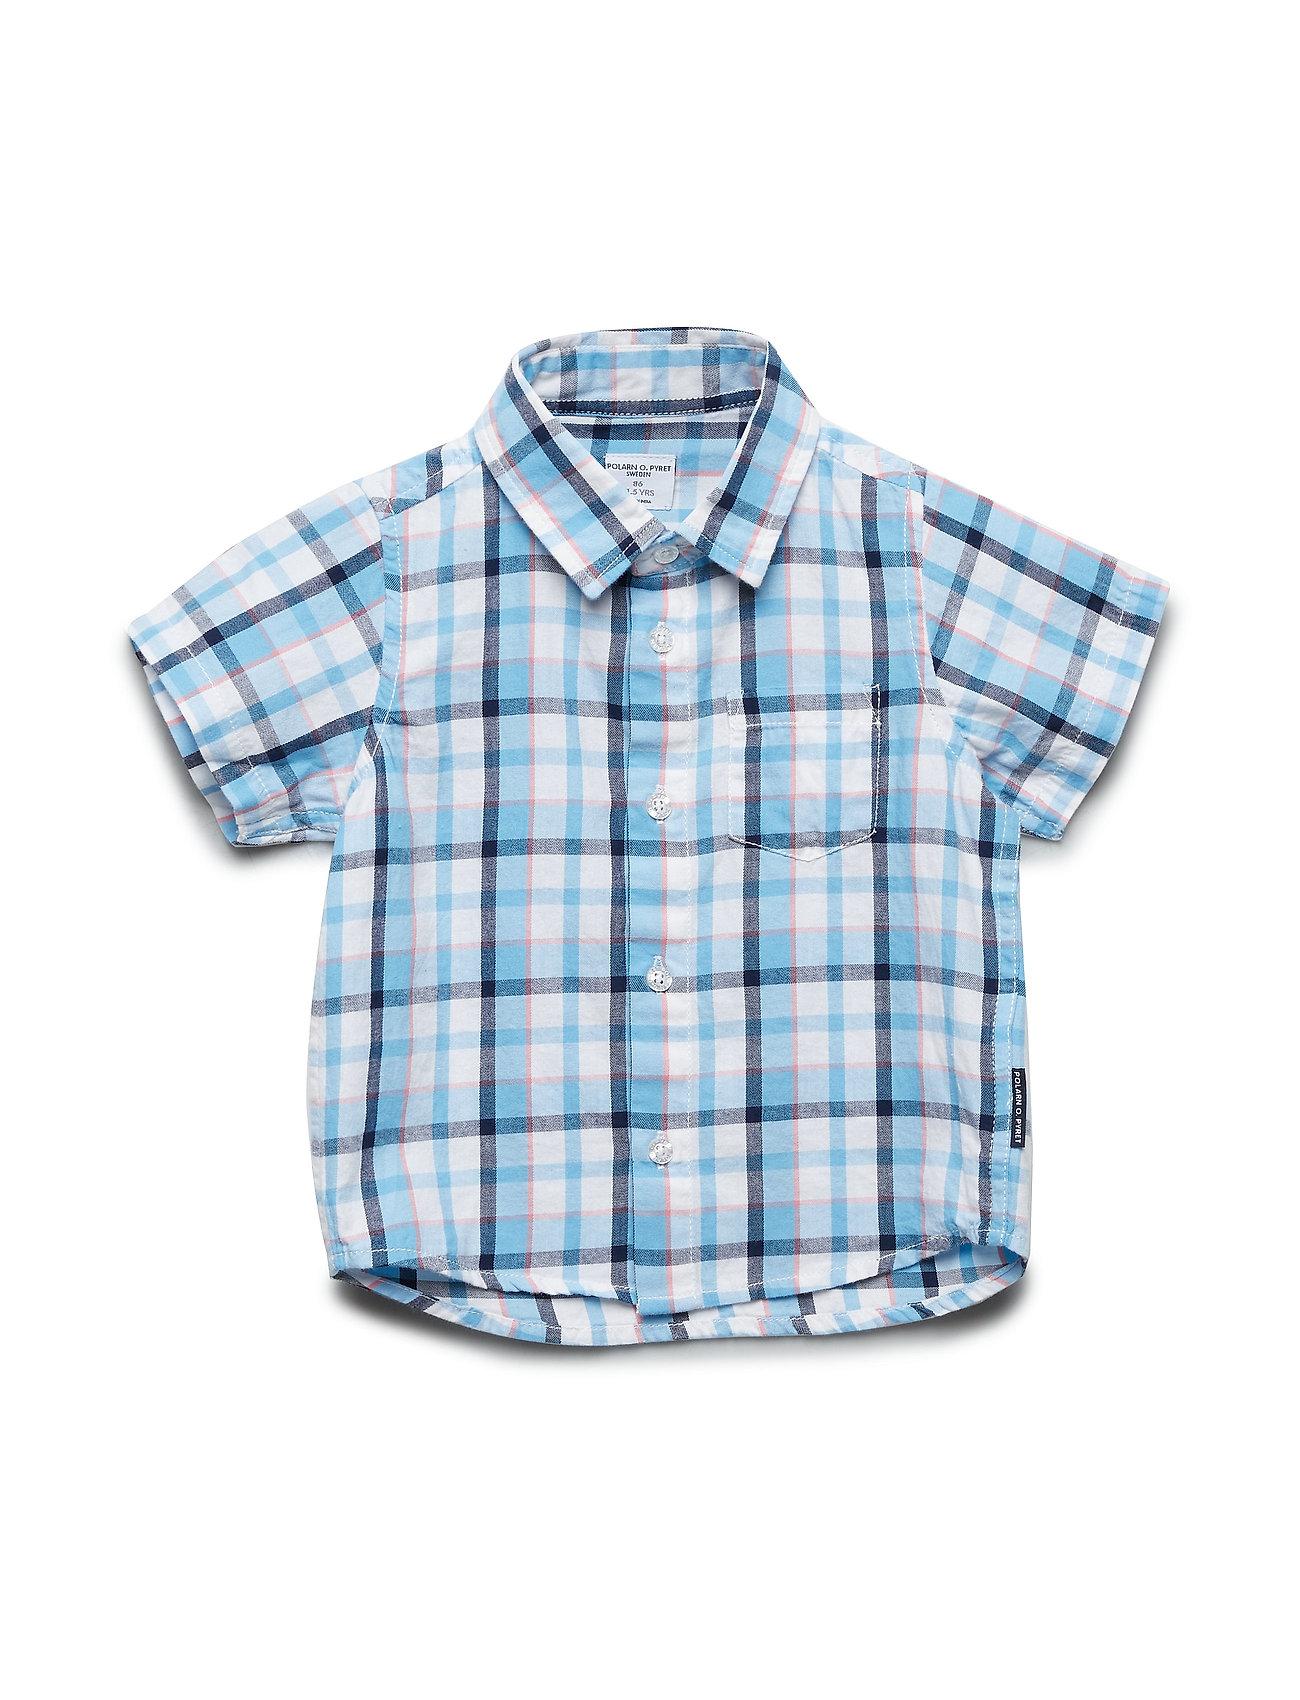 Polarn O. Pyret Shirt S/S Check Preschool